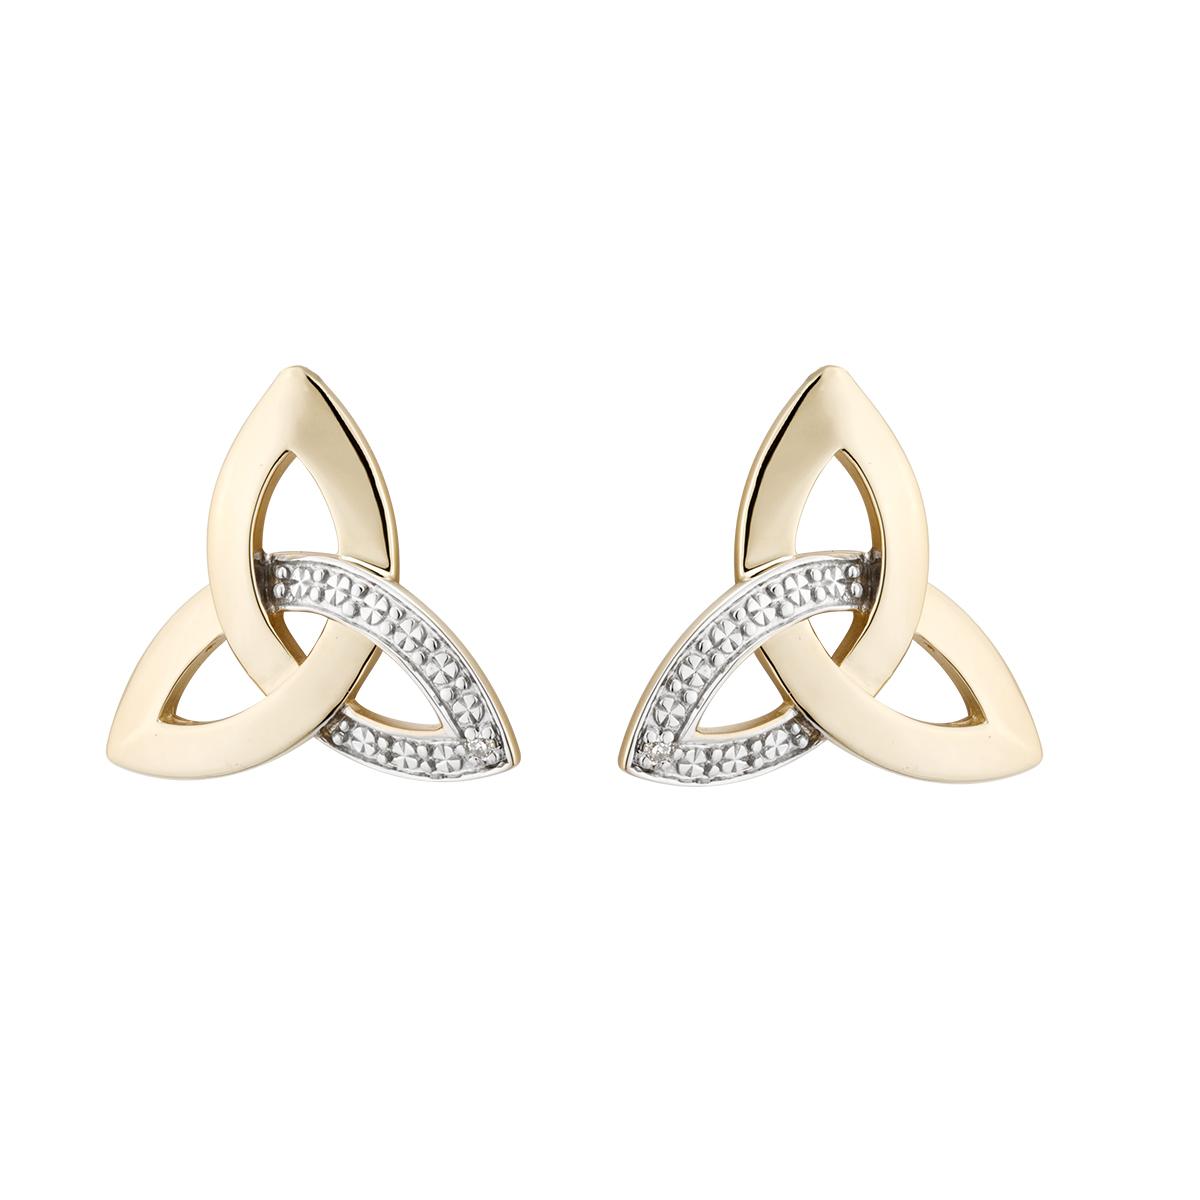 d3914d2f9 Solvar 10K Trinity Diamond Earrings 33990 - Skellig Gift Store